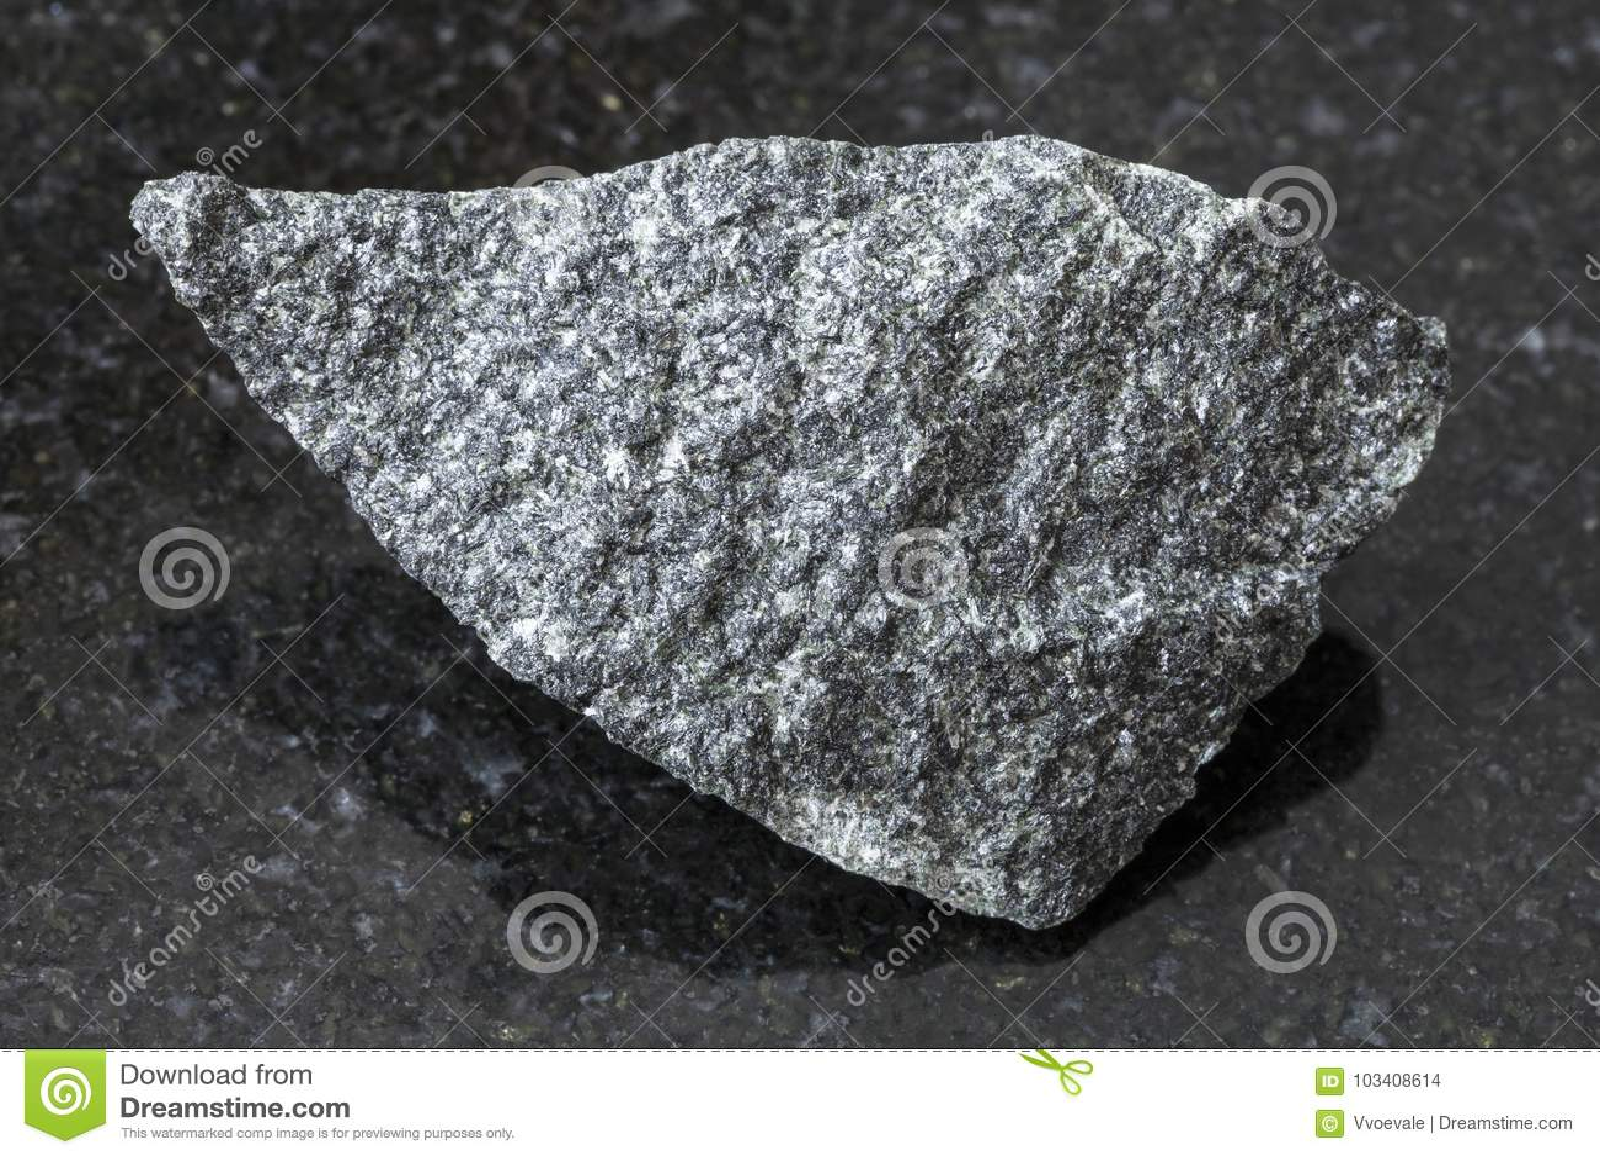 Raw Granite Stone : Raw dolerite stone on dark background stock photo image